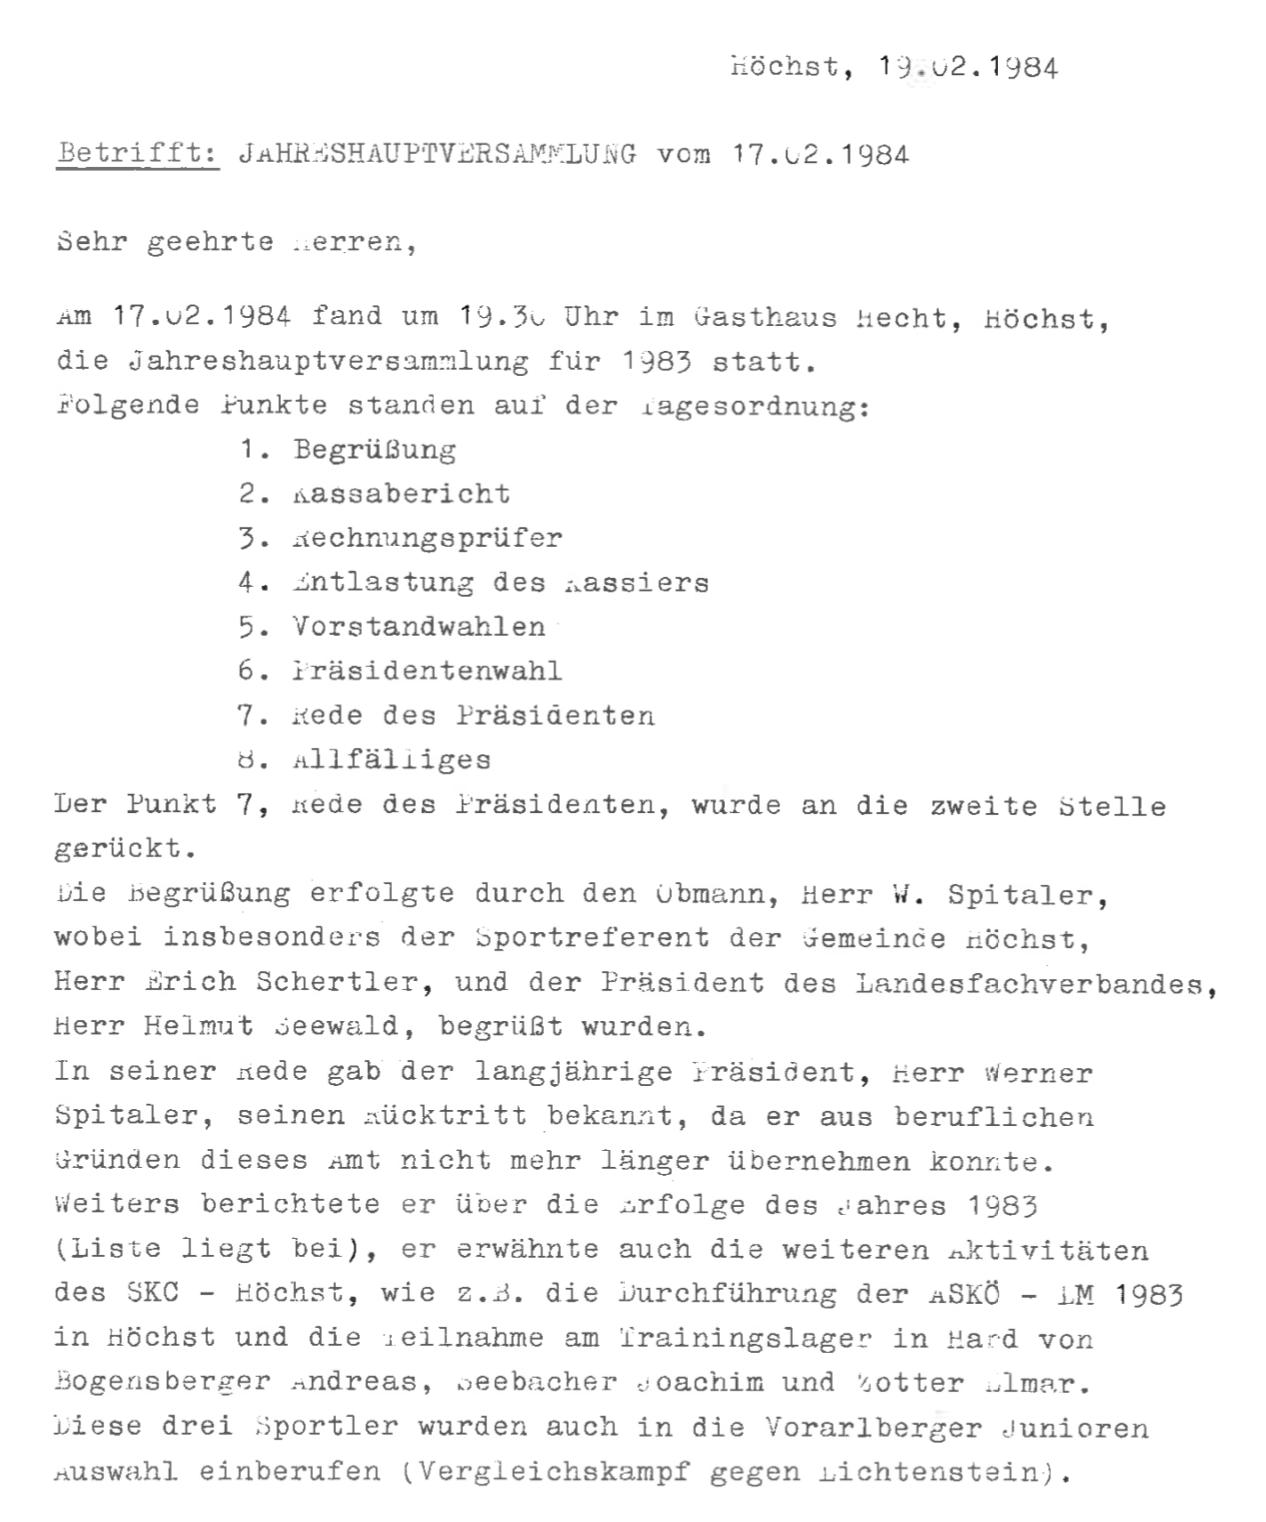 Protokoll der Jahreshauptversammlung des Karateclub Höchst 1984